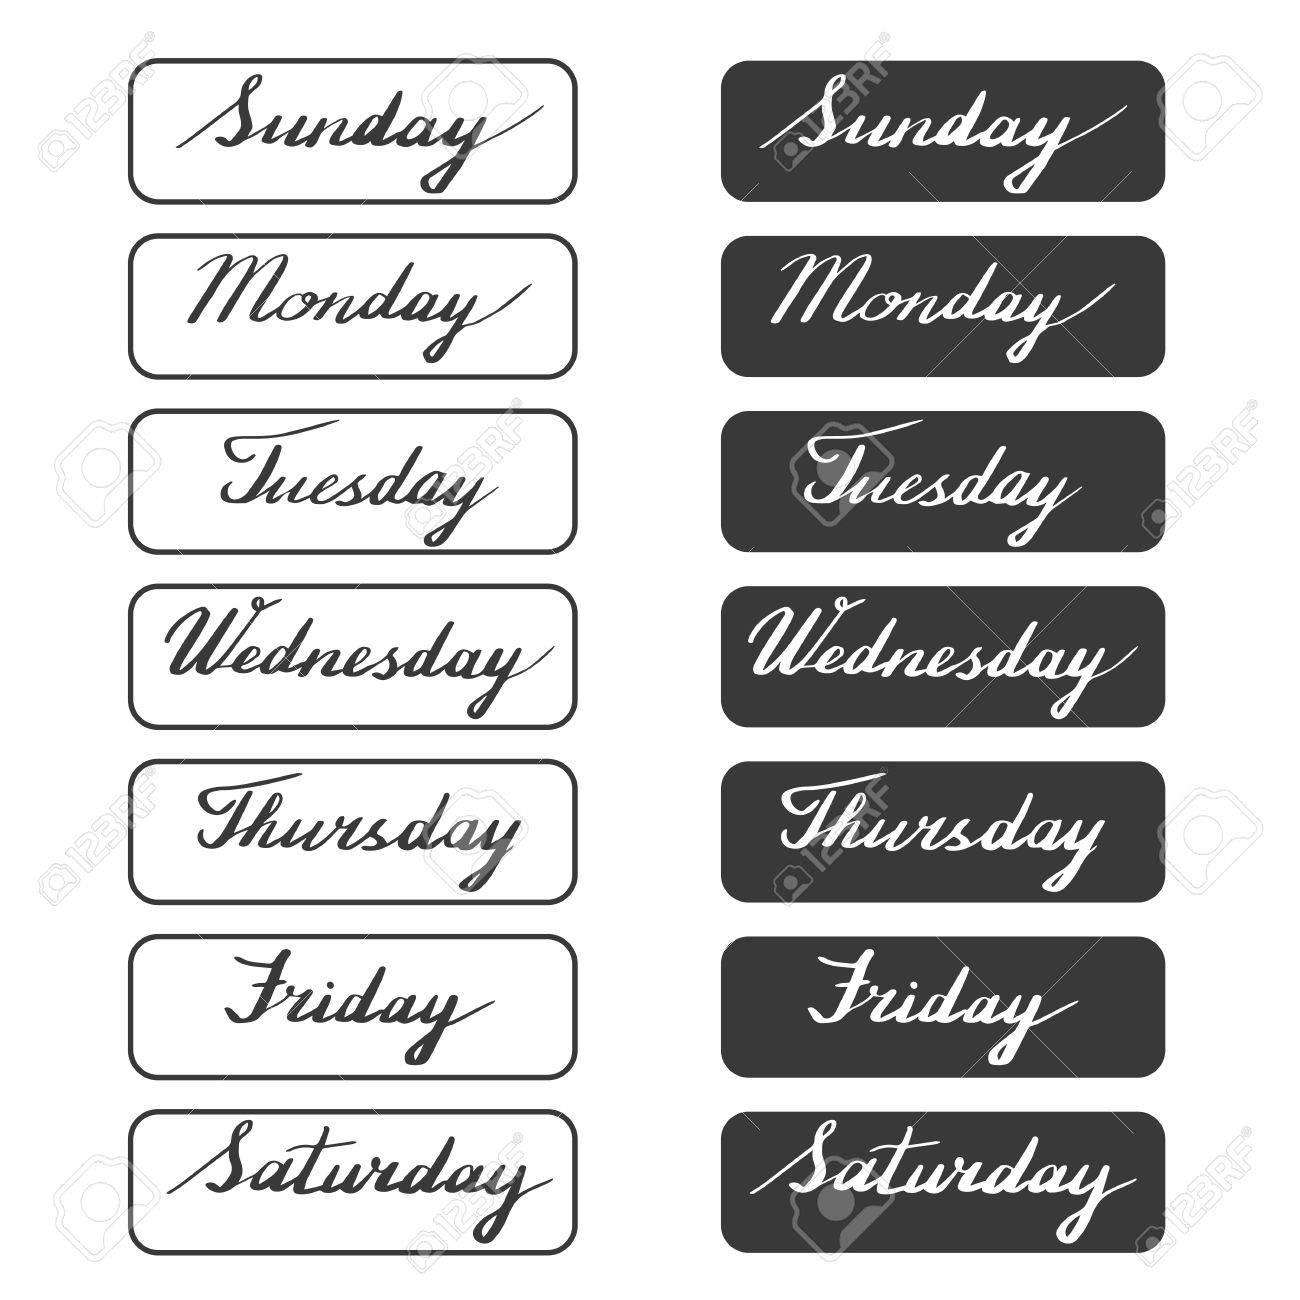 手書きの曜日 月曜日 火曜日 水曜日 木曜日 金曜日 土曜日 日曜日